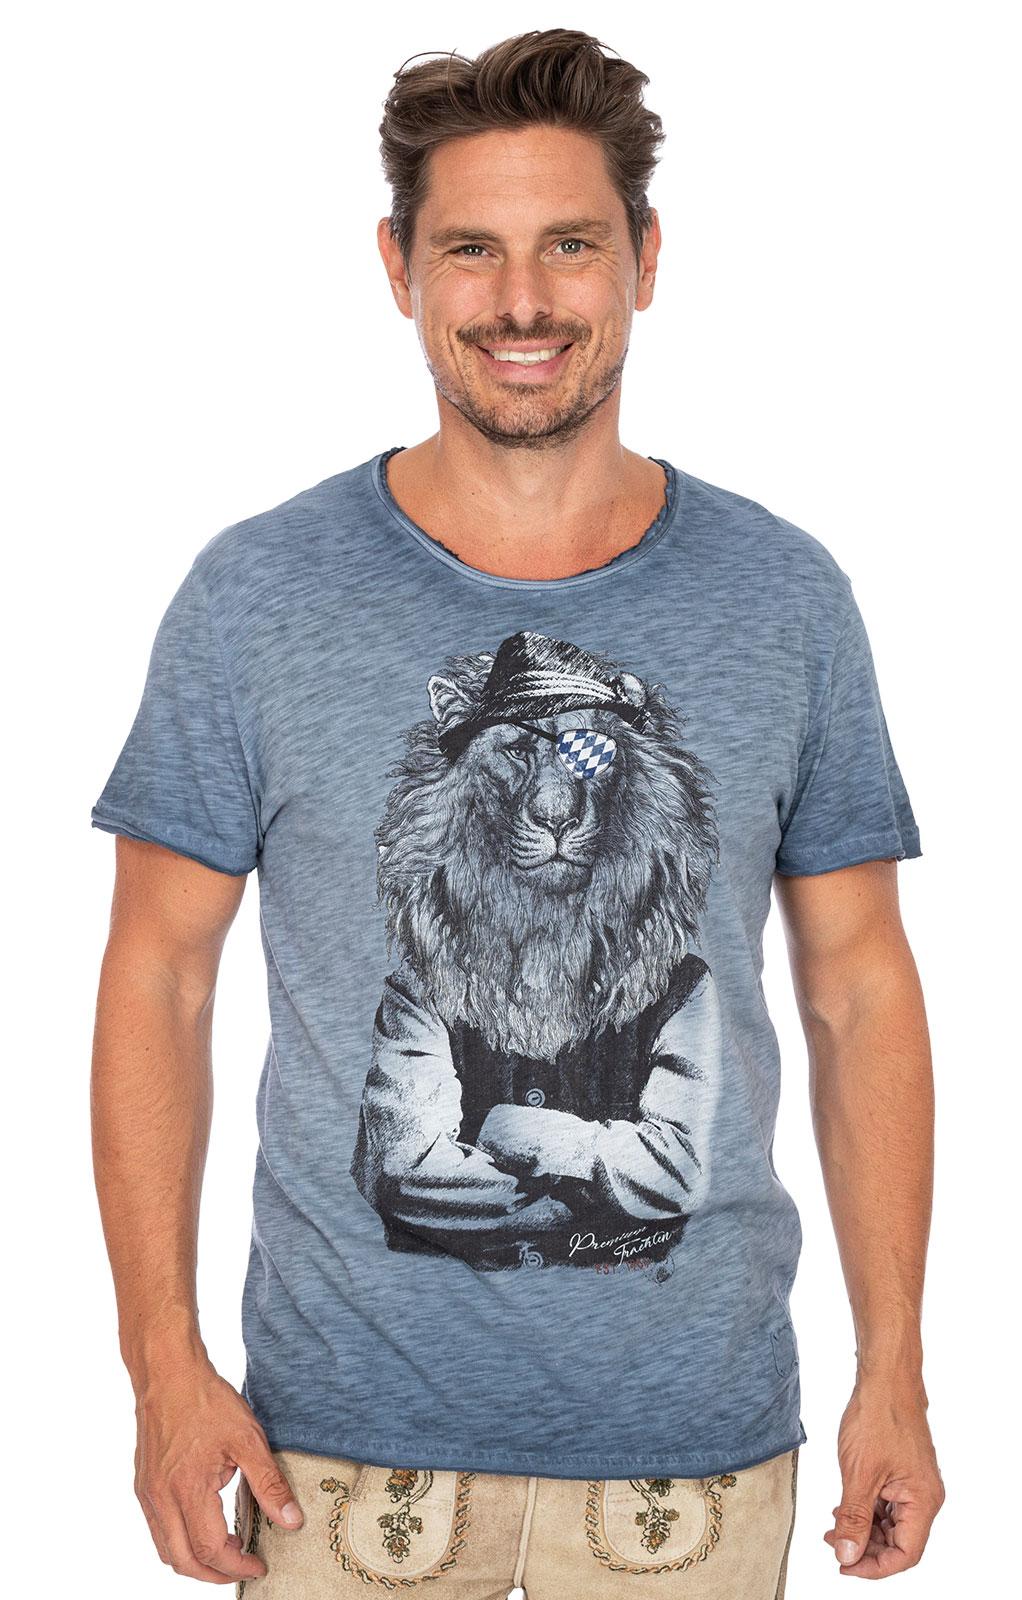 Trachten T-Shirt G16 - LEOPOLD blau von Marjo